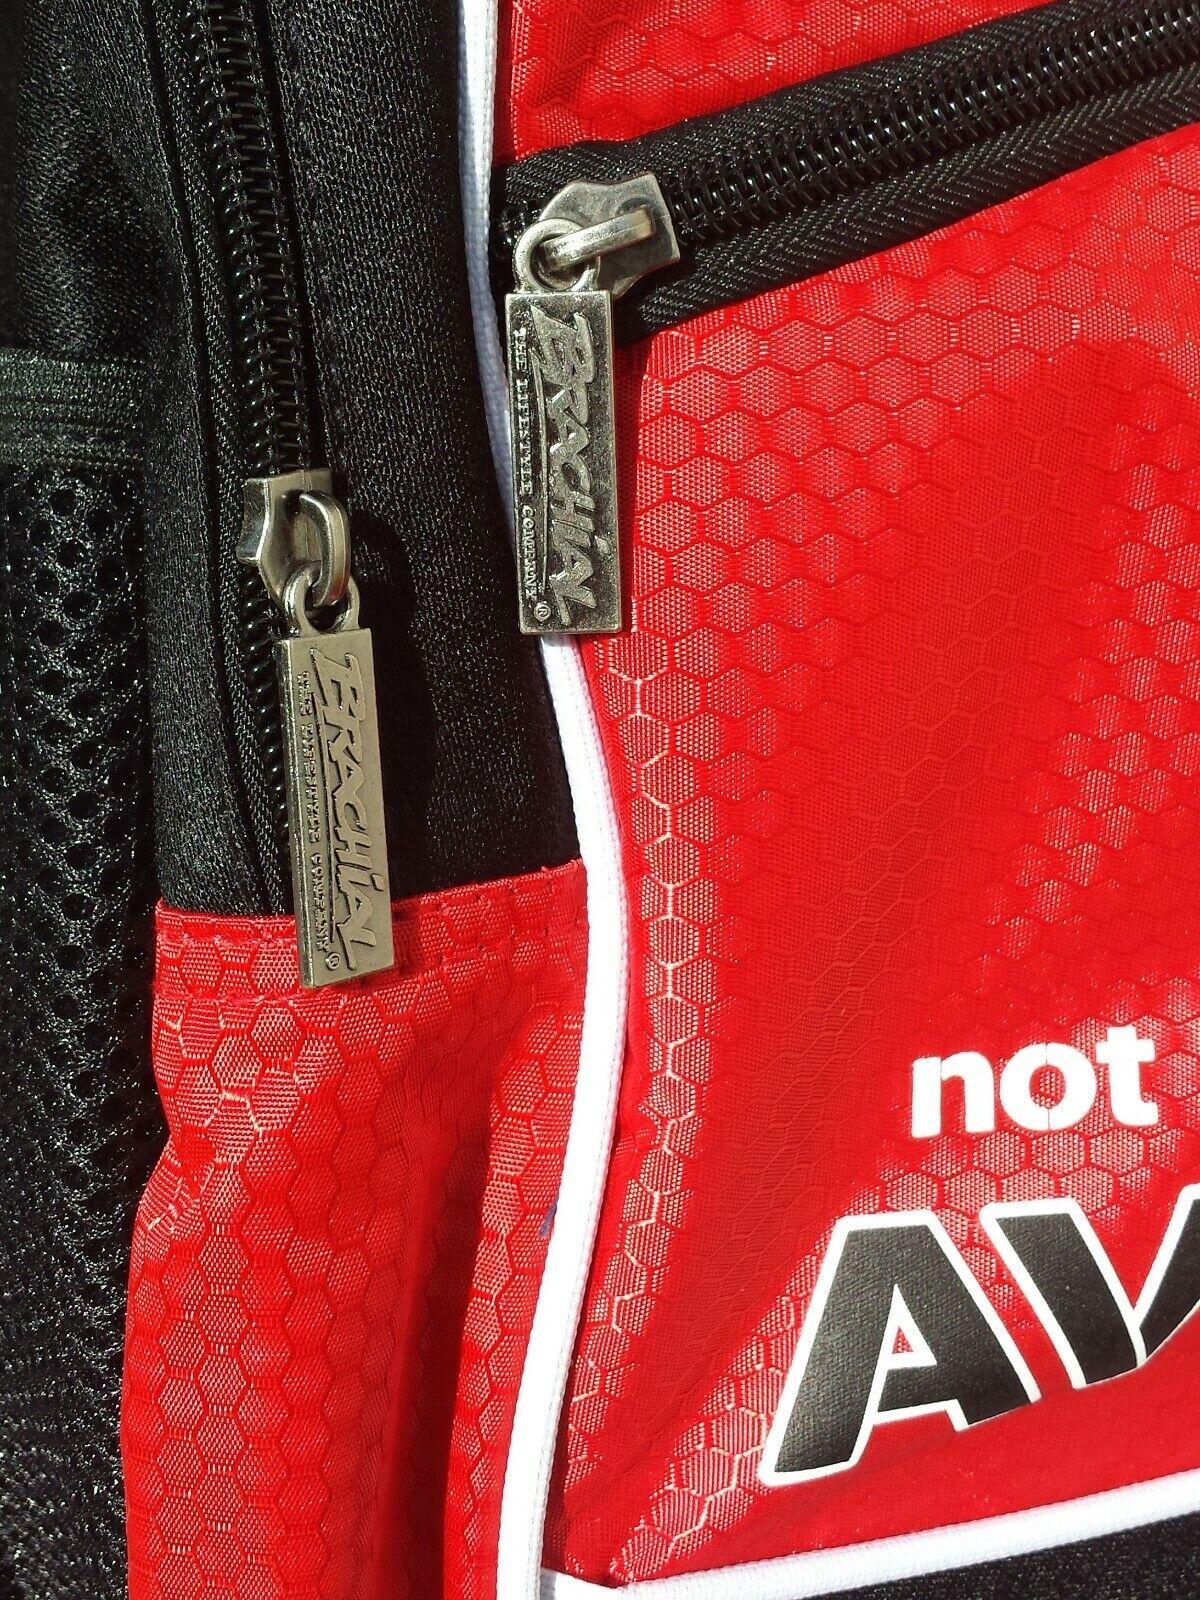 No braquial llevar bolsa de deporte en el el el gimnasio